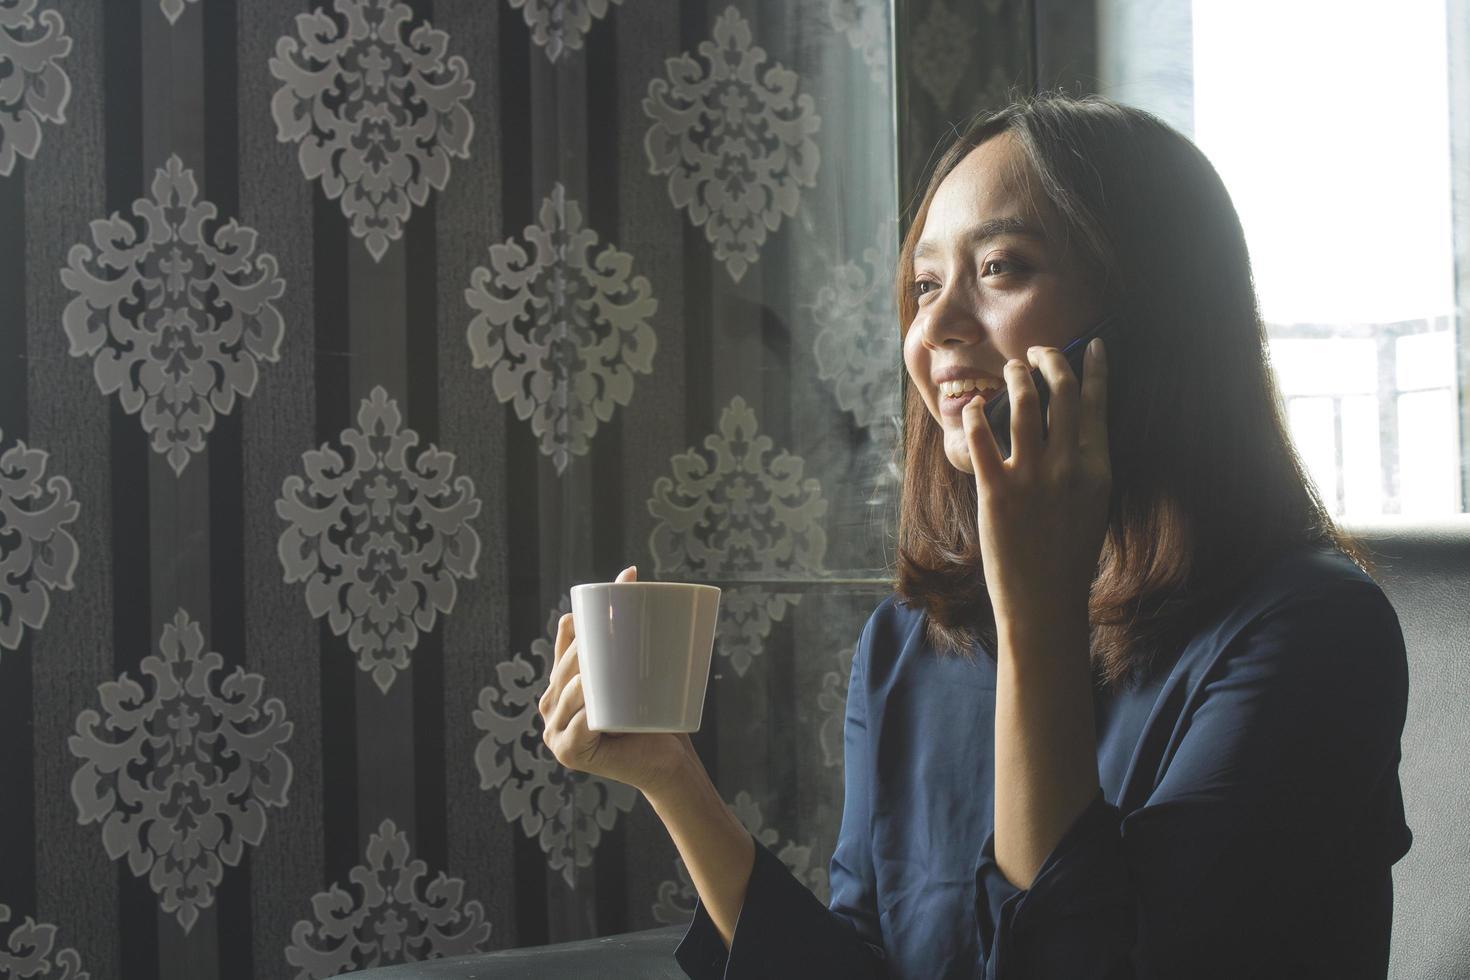 donna asiatica sorridente rilassata che beve caffè mentre chiama per lavoro foto